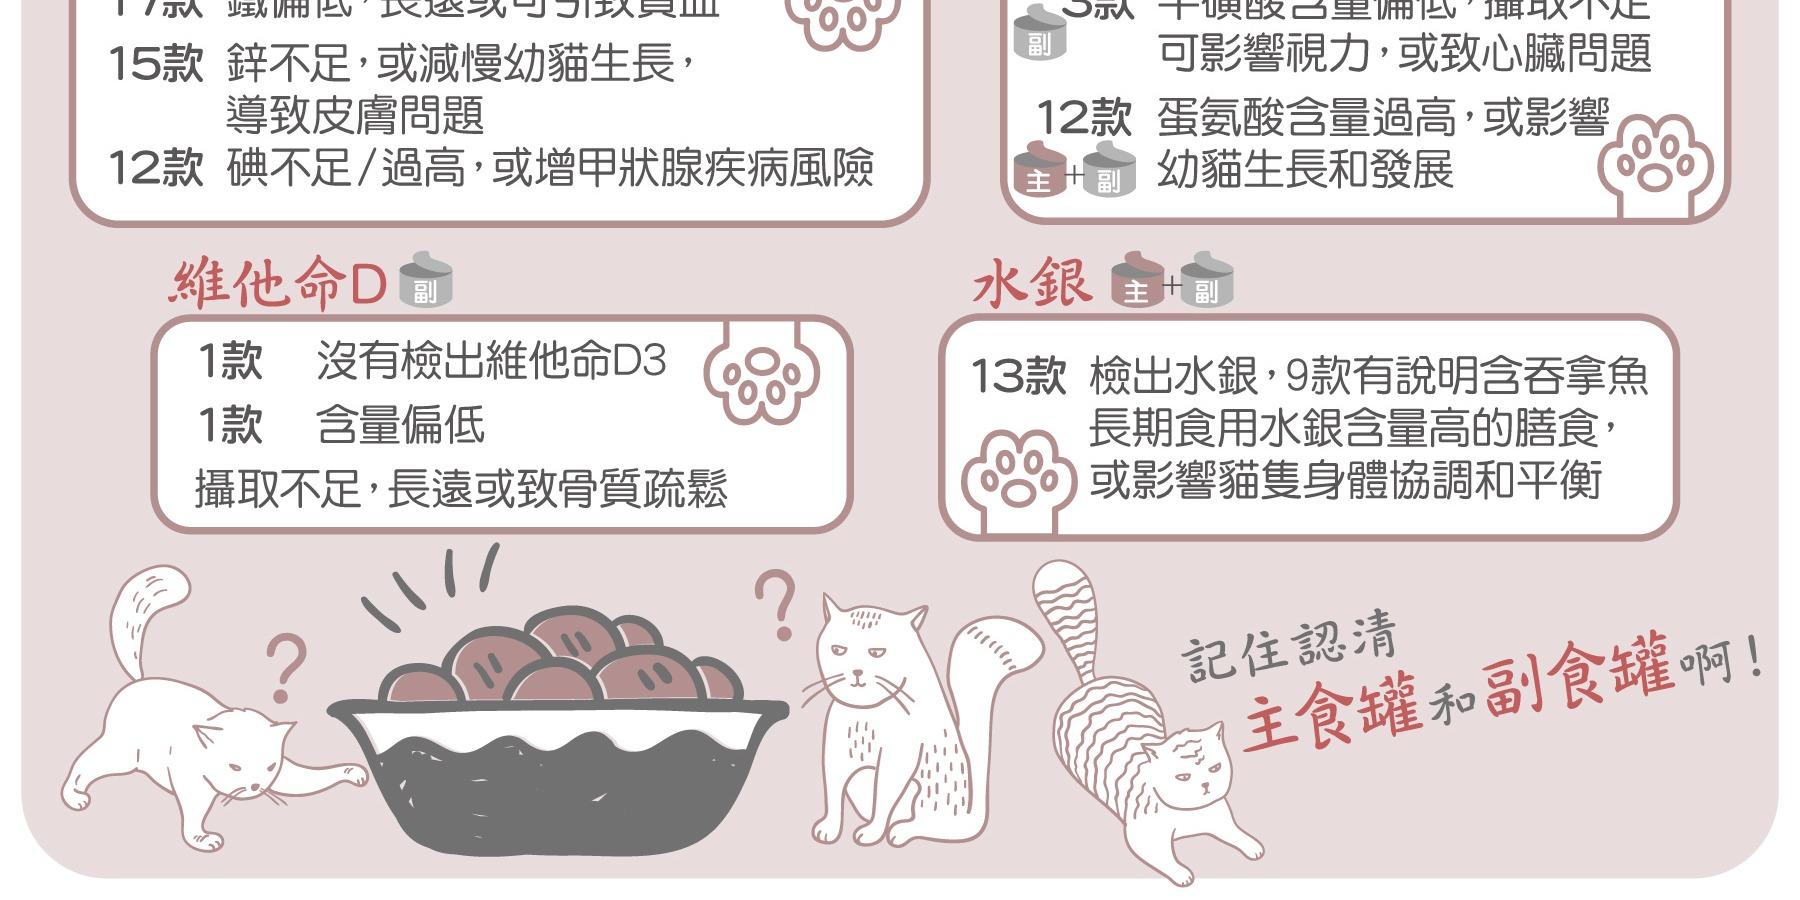 消委會:9成貓糧礦物質或氨基酸不符標準 或損貓隻健康